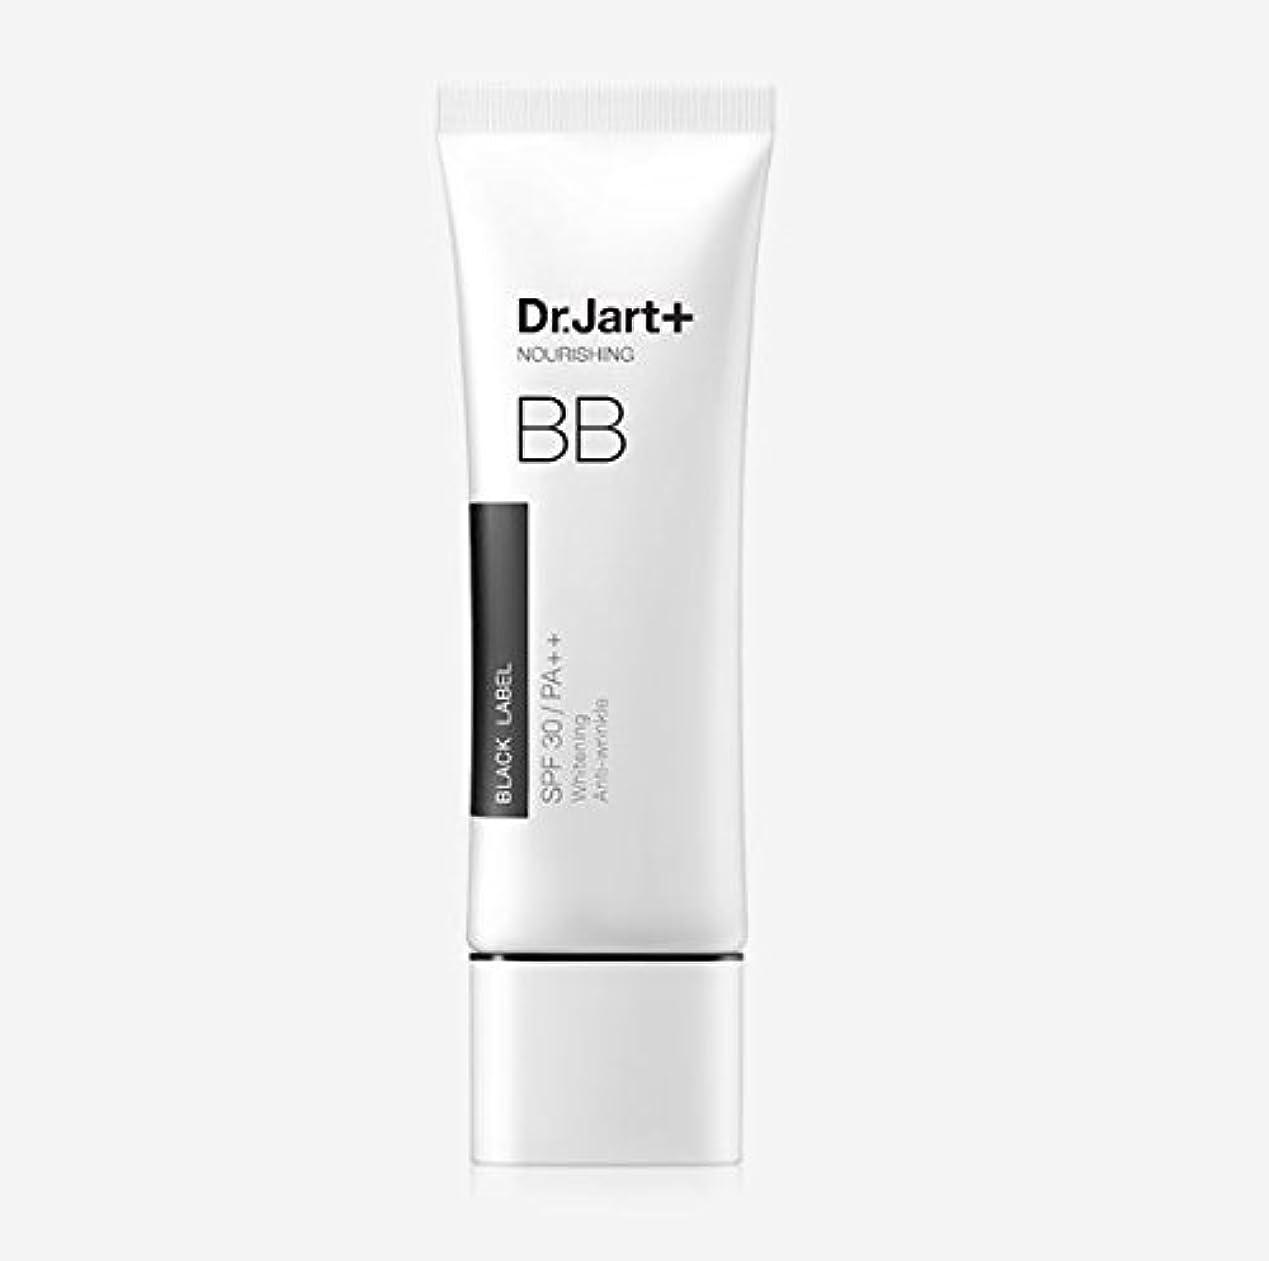 ようこそ展望台懐[Dr. Jart] Black Label BB Nourishing Beauty Balm 50ml SPF30 PA++/[ドクタージャルト] ブラックラベル BB ナリーシン ビューティー バーム 50ml SPF30...